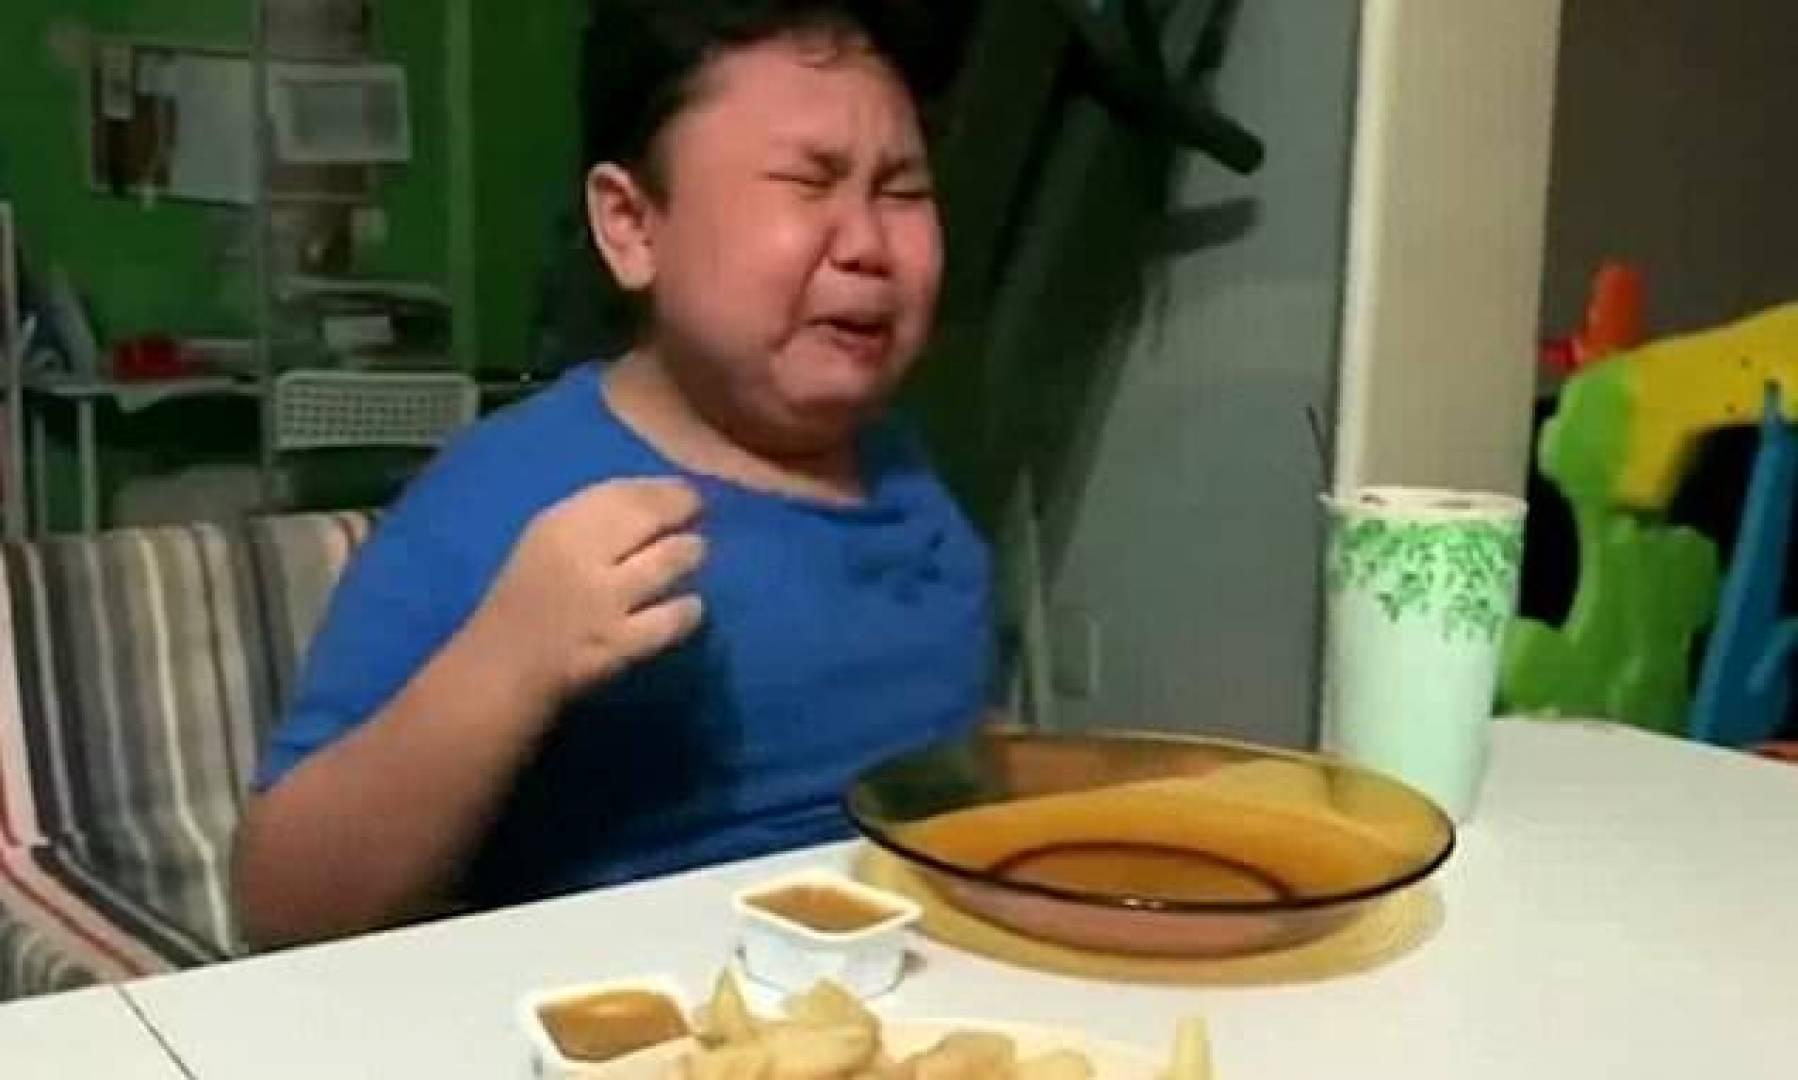 طفل يستقبل أول وجبة من مطعمه المفضل بعد تخفيف الحظر.. بالدموع!